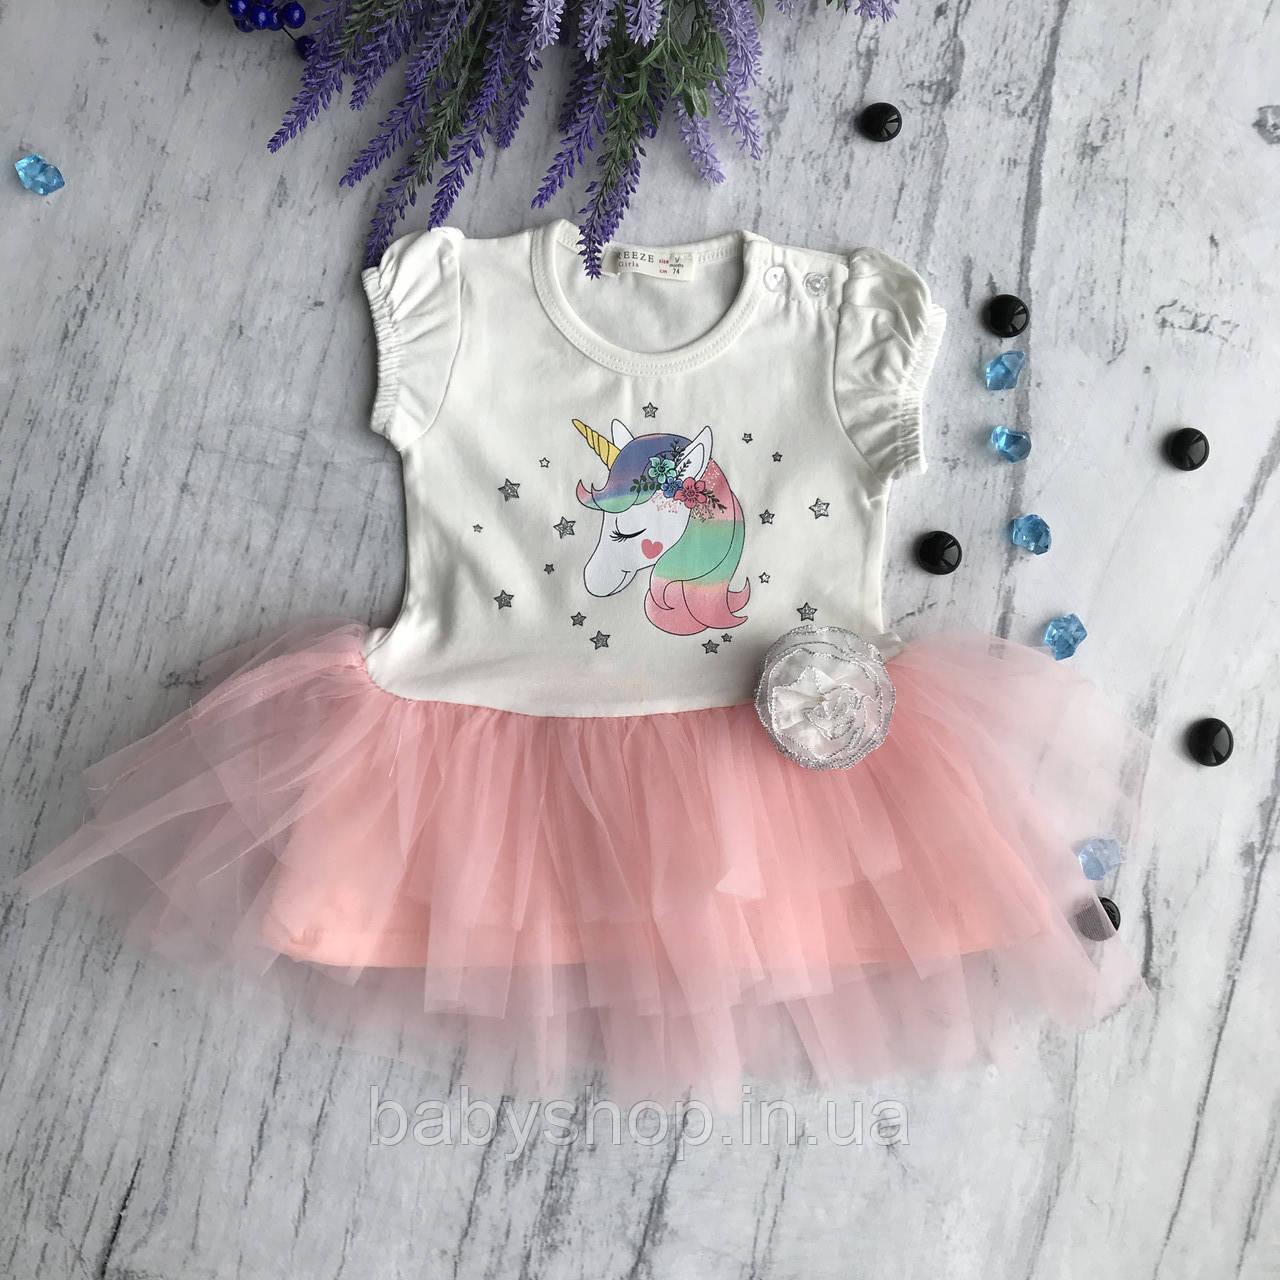 Летнее платье на девочку Breeze ед. Размер 74 см, 80 см, 86 см,  98 см